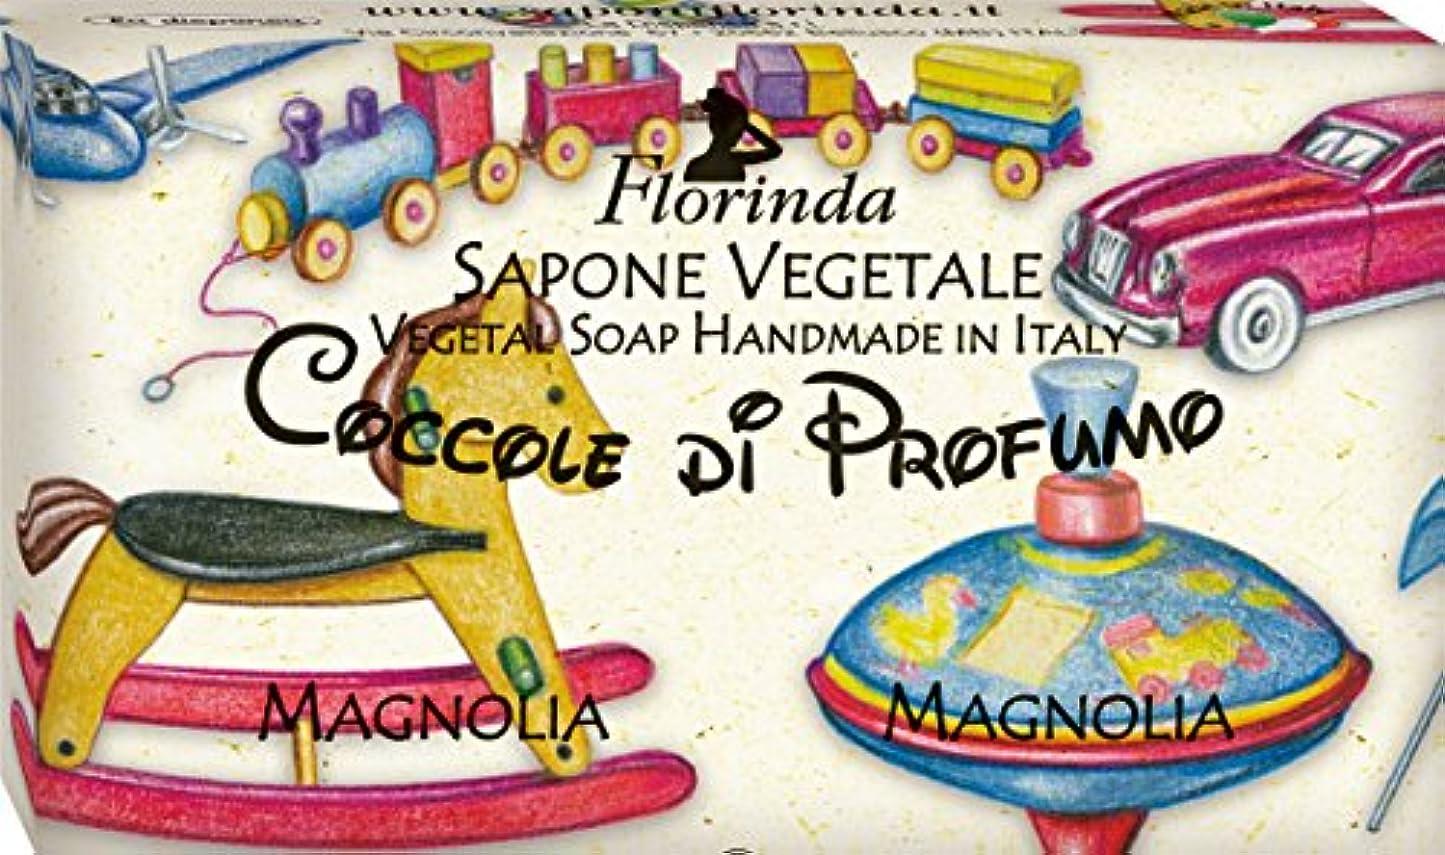 前提投獄もろいフロリンダ フレグランスソープ おもちゃシリーズ マグノリア